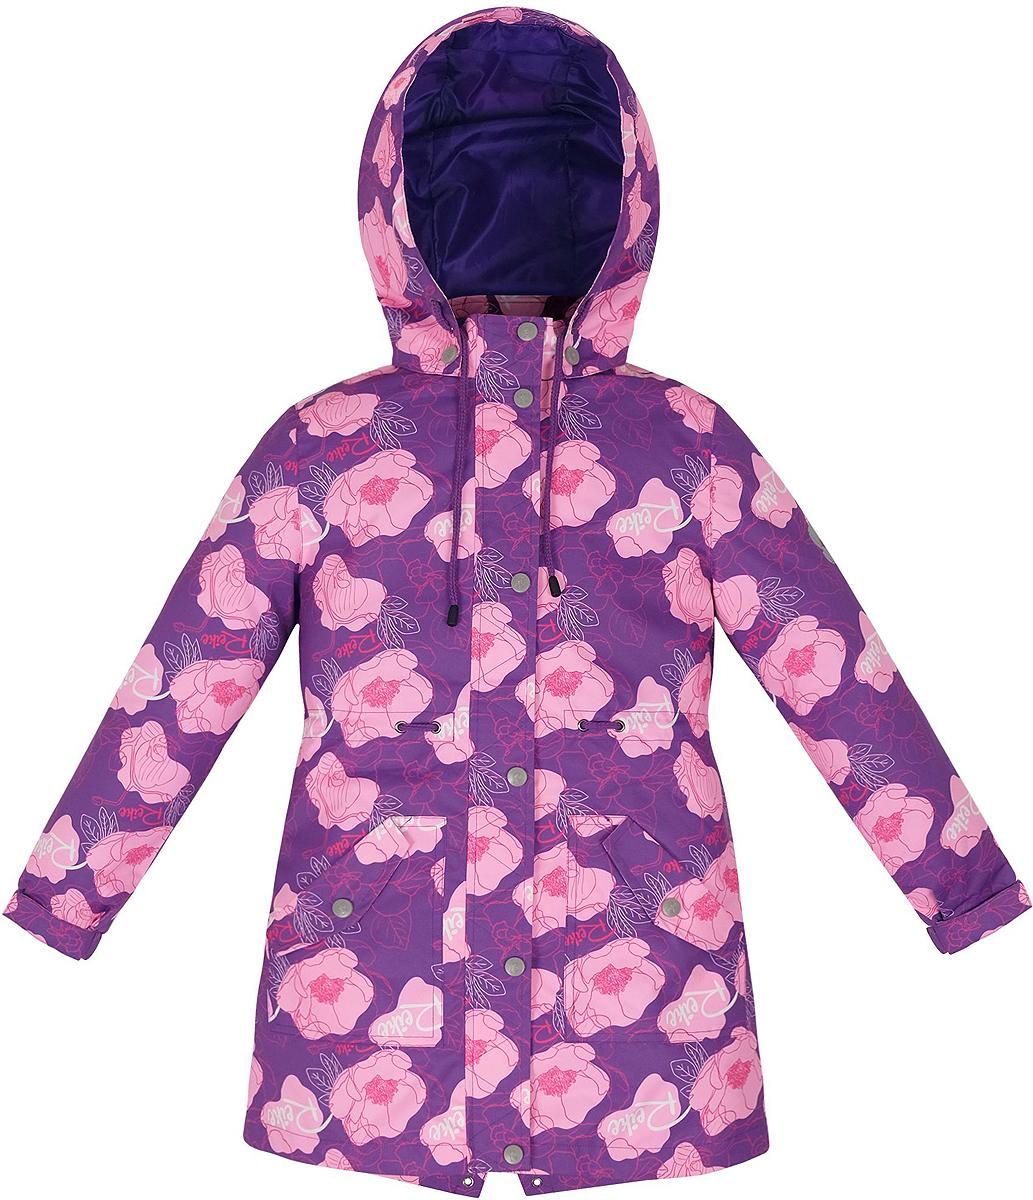 Куртка для девочки Reike Мальва, цвет: фиолетовый. 35948335. Размер 158, 13 лет35 948 335_Mallow violetСтильная куртка для девочки Reike Мальва выполнена из ветрозащитного, водоотталкивающего и дышащего материала с подкладкой из микрофлиса, обеспечивающей дополнительный комфорт. Модель с воротником-стойкой, защищающим от ветра, застегивается на молнию с ветрозащитной планкой на кнопках и оформлена цветочным принтом в стиле серии. Манжеты рукавов на резинке дополнительно регулируются с помощью липучек. Модель дополнена съемным капюшоном, двумя накладными карманами и шнуровкой по линии талии и в капюшоне. На капюшоне располагается светоотражающий элемент. Особенности изделия:- базовый уровень; - коэффициент воздухопроницаемости: 2000гр/м2/24 ч;- водоотталкивающее покрытие: 2000 мм.